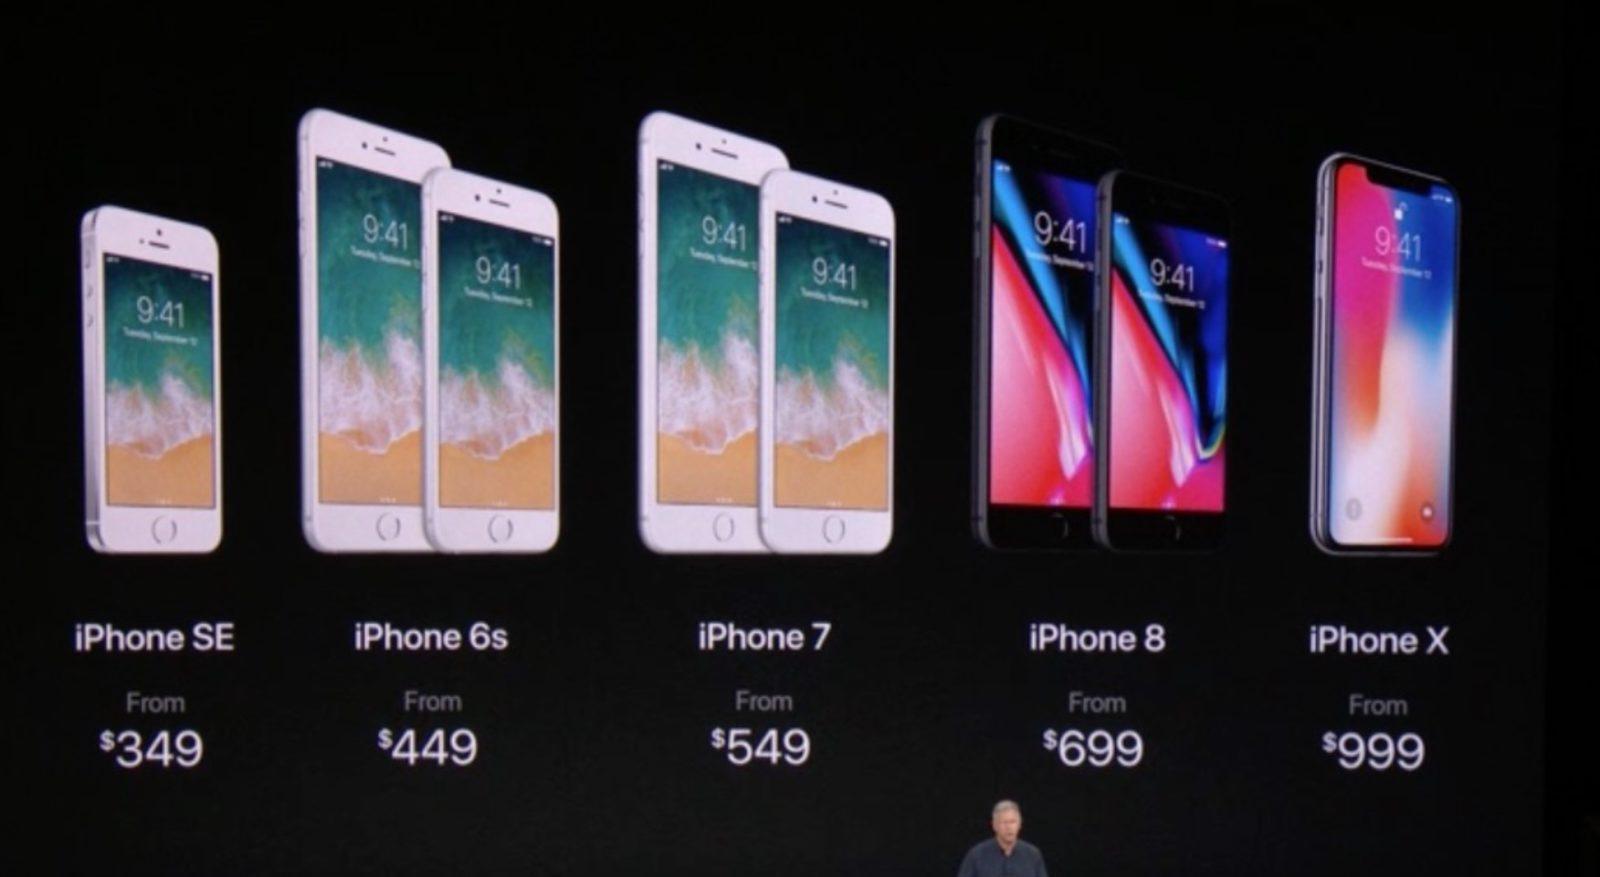 Prezzi iPhone 2018: Apple sempre più cara, una strategia che paga